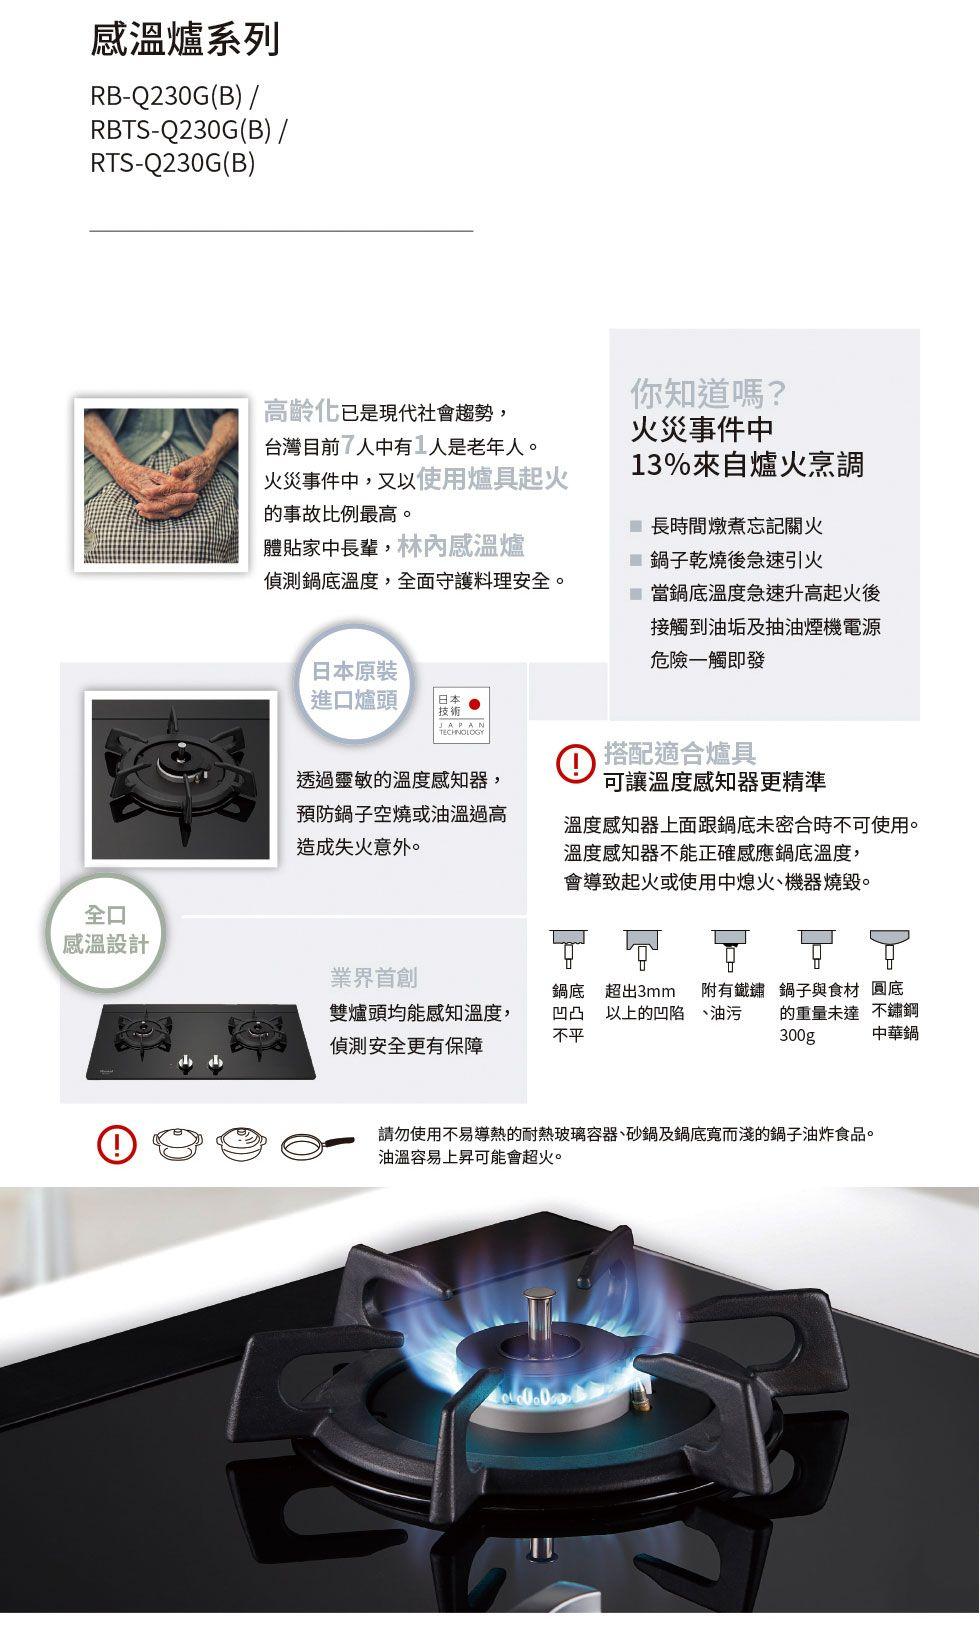 PK/goods/Rinnai/Stove/RTS-Q230G(B)-DM-1.jpg